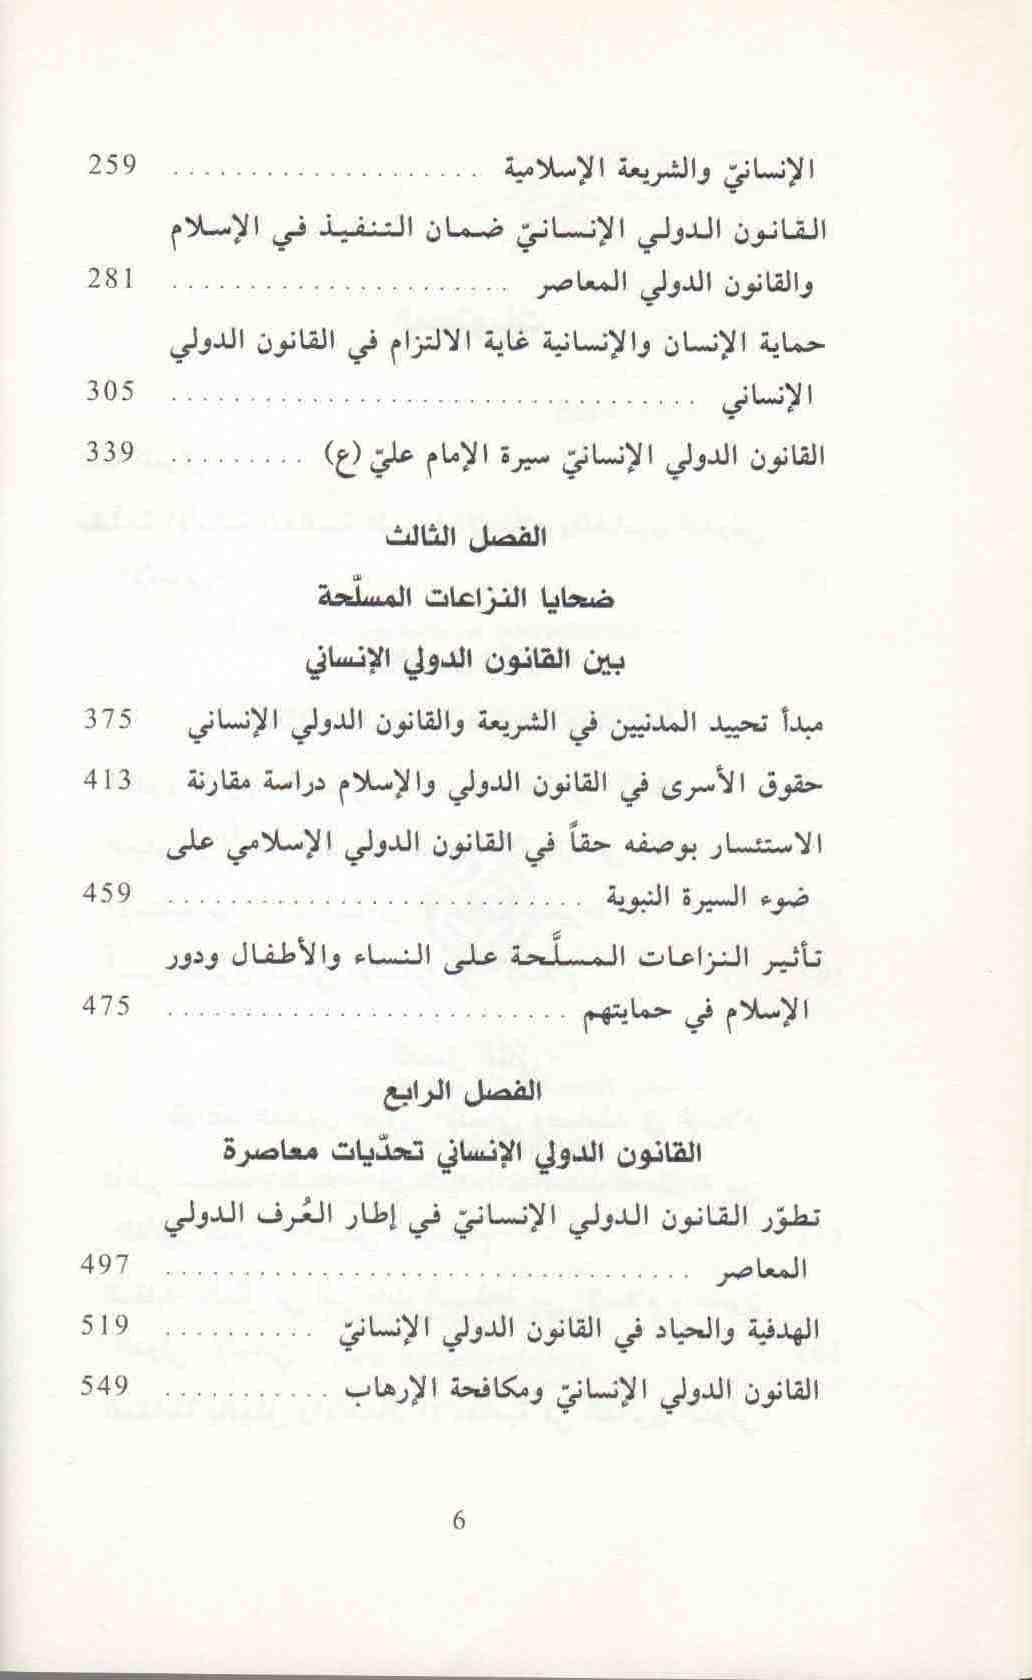 ص6 محتويات كتاب الإسلام والقانون الدولي